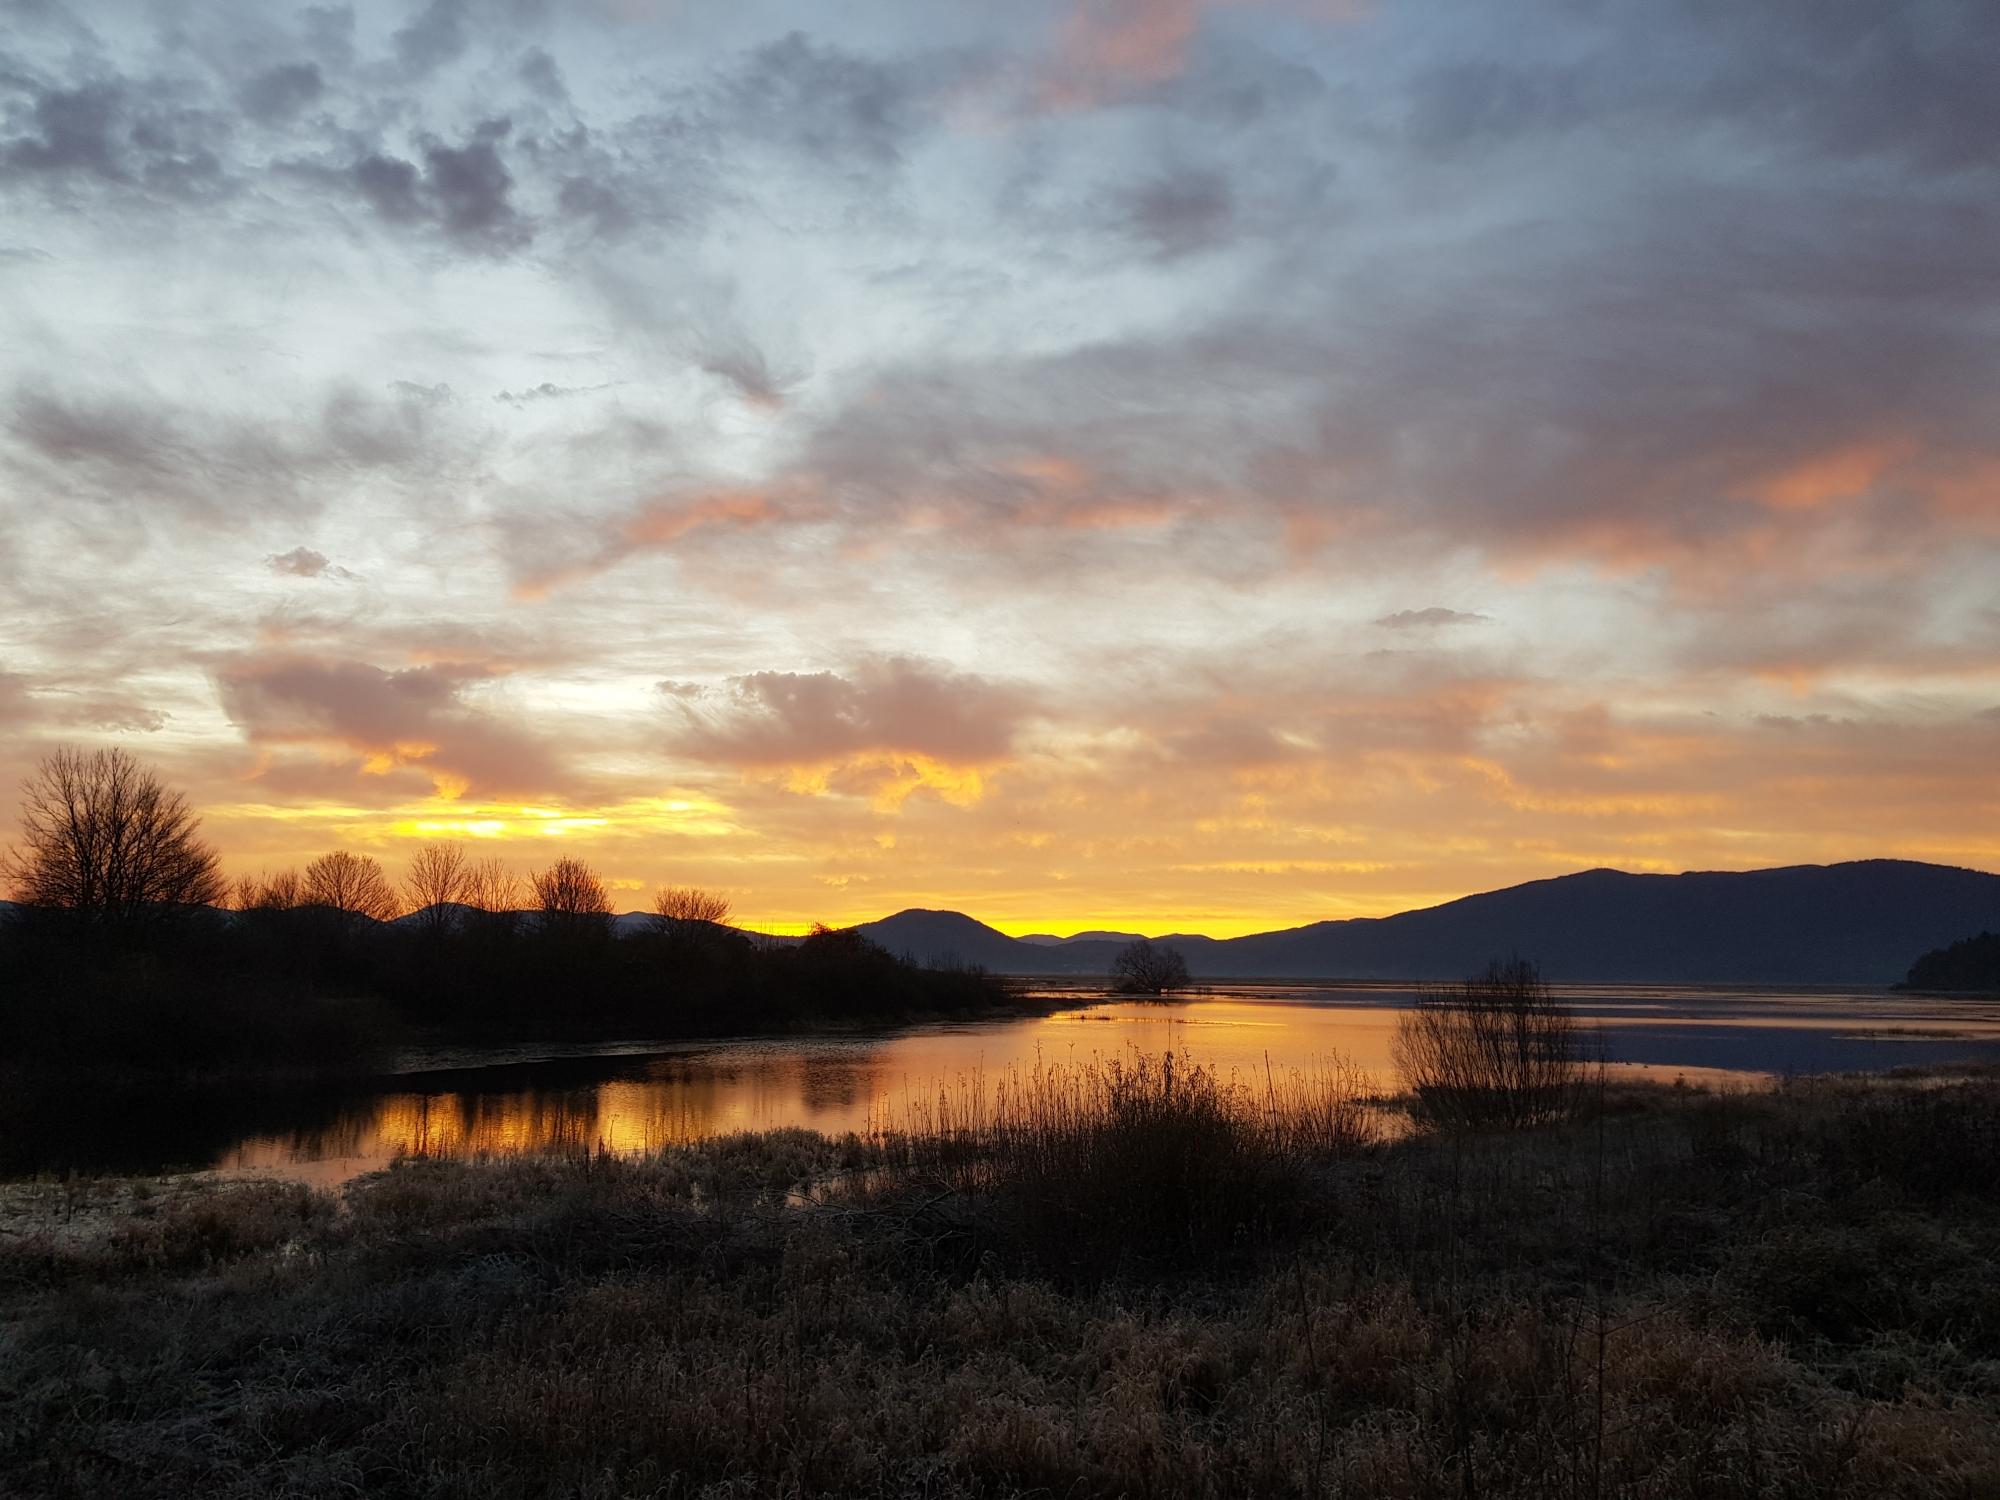 Sončni vzhod nad Cerkniškim jezerom. Foto Eva Kobe